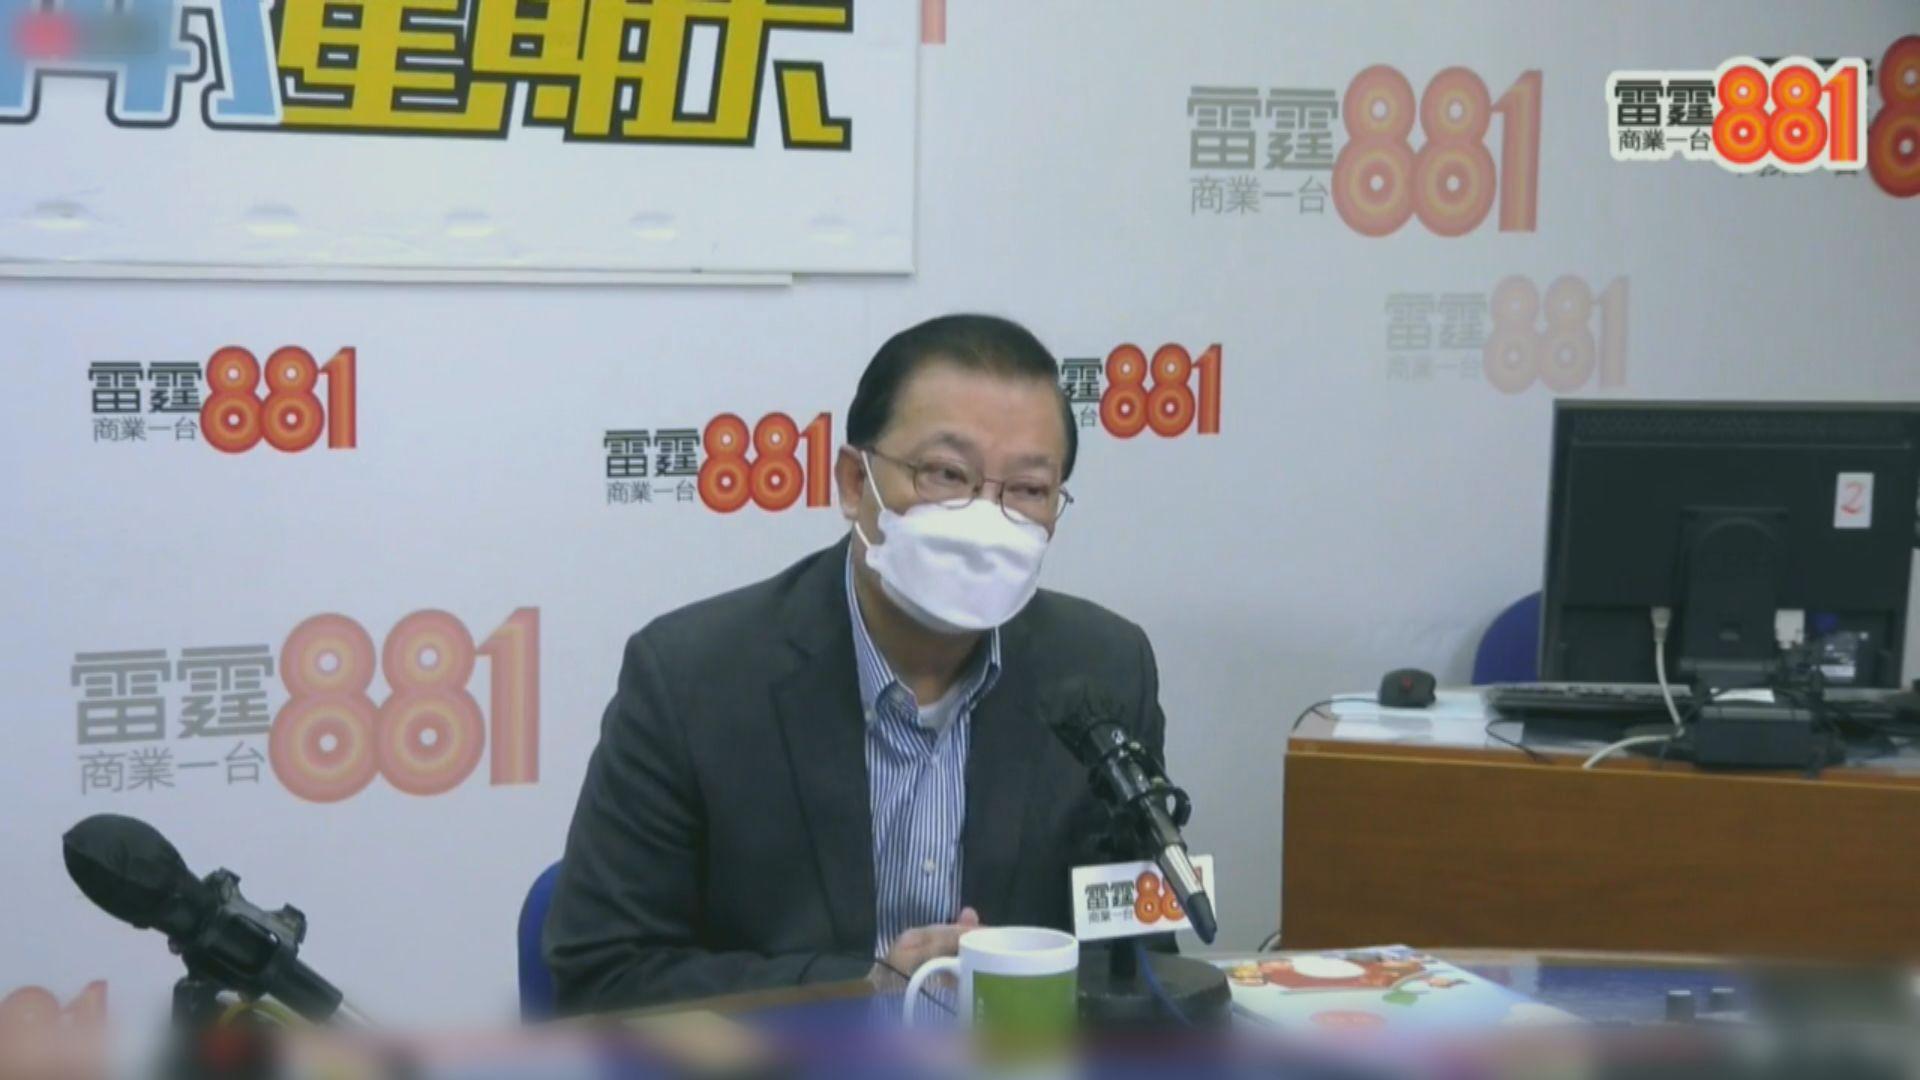 譚耀宗料五月完成選舉制度改革本地立法